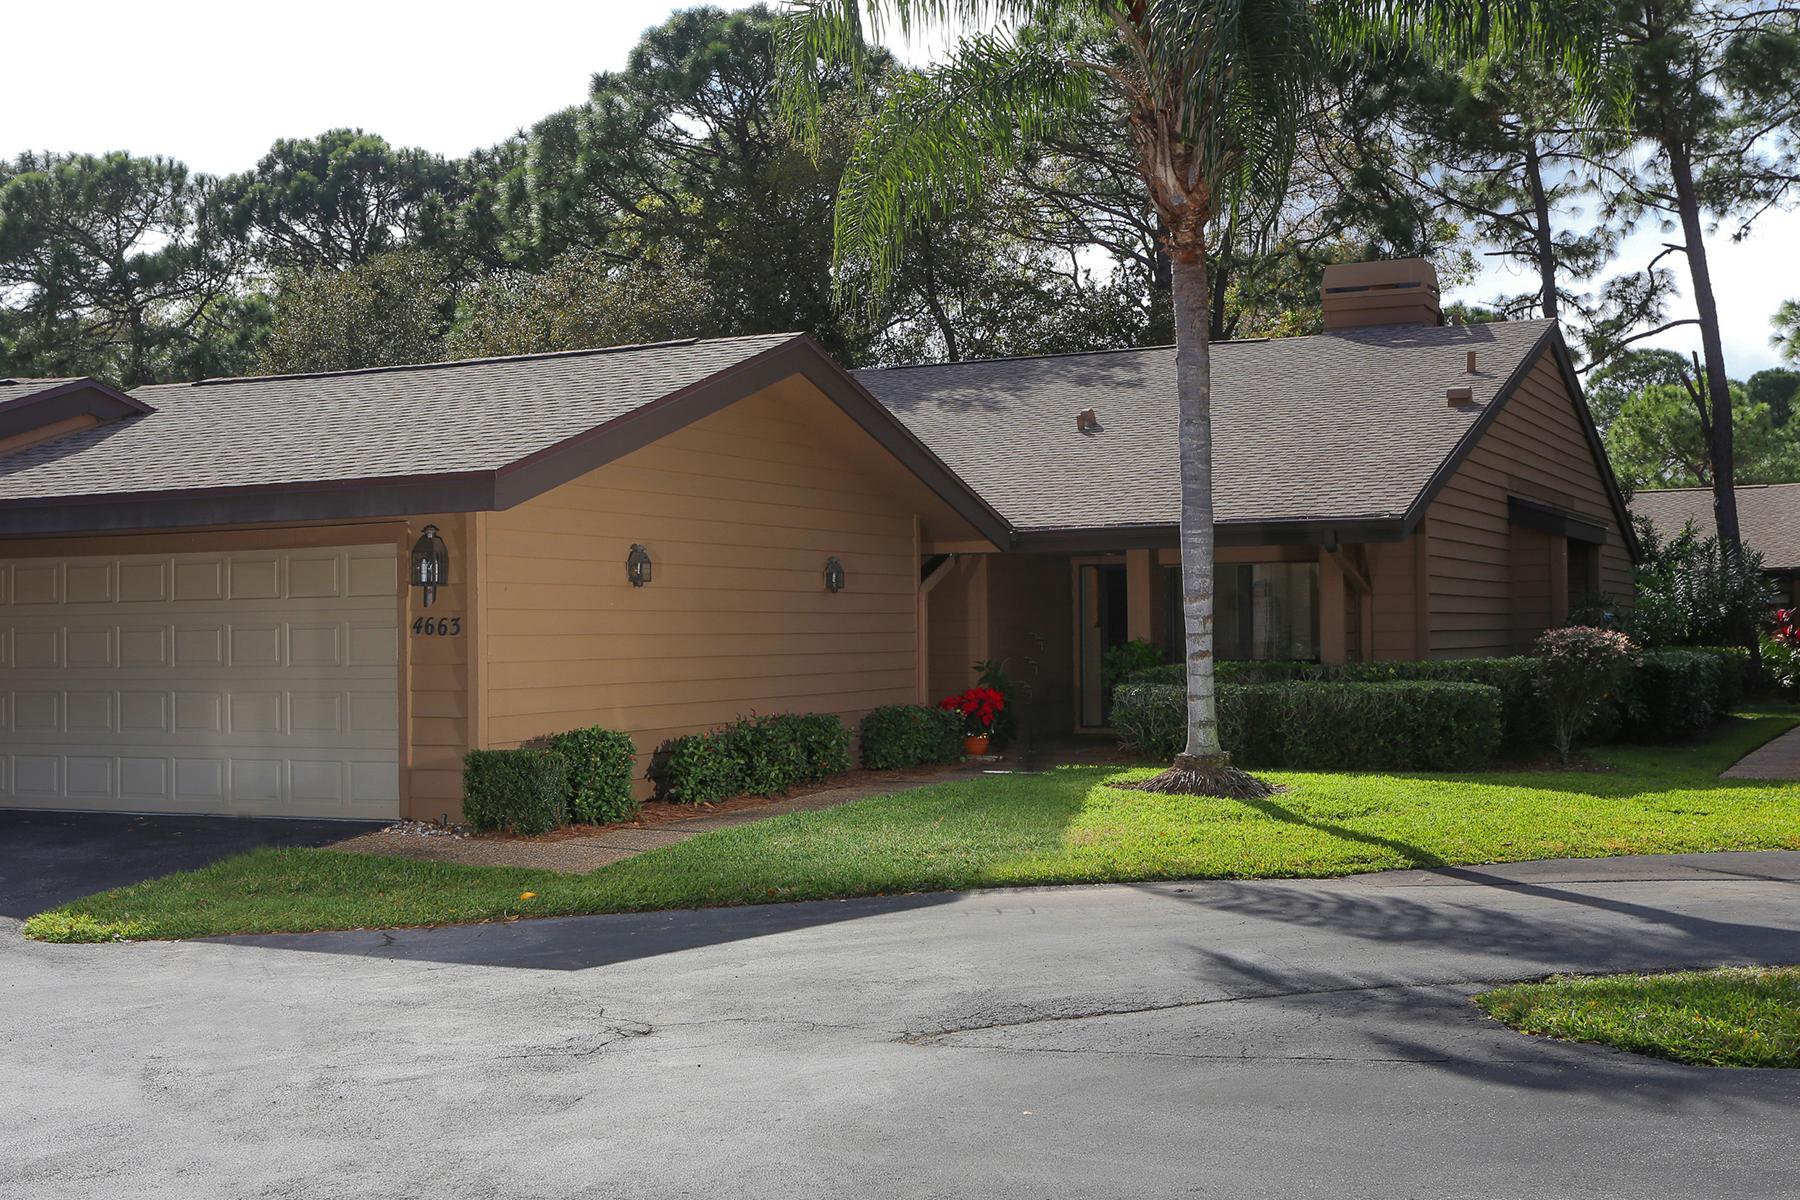 Eigentumswohnung für Verkauf beim THE MEADOWS 4663 Chandlers Forde 31 Sarasota, Florida, 34235 Vereinigte Staaten